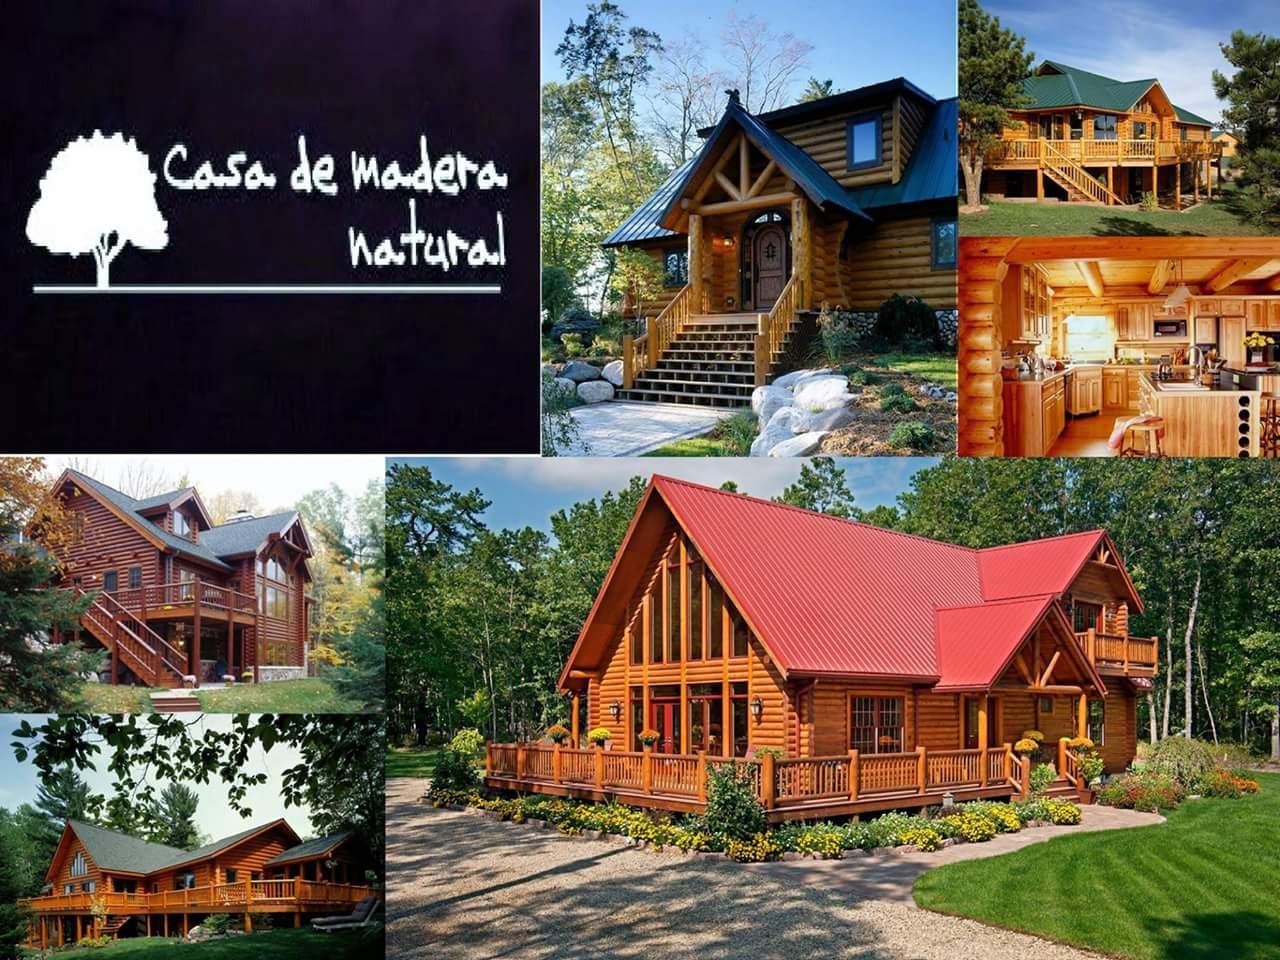 Casas de madera natural ahora es el momento - Casas de madera natural ...